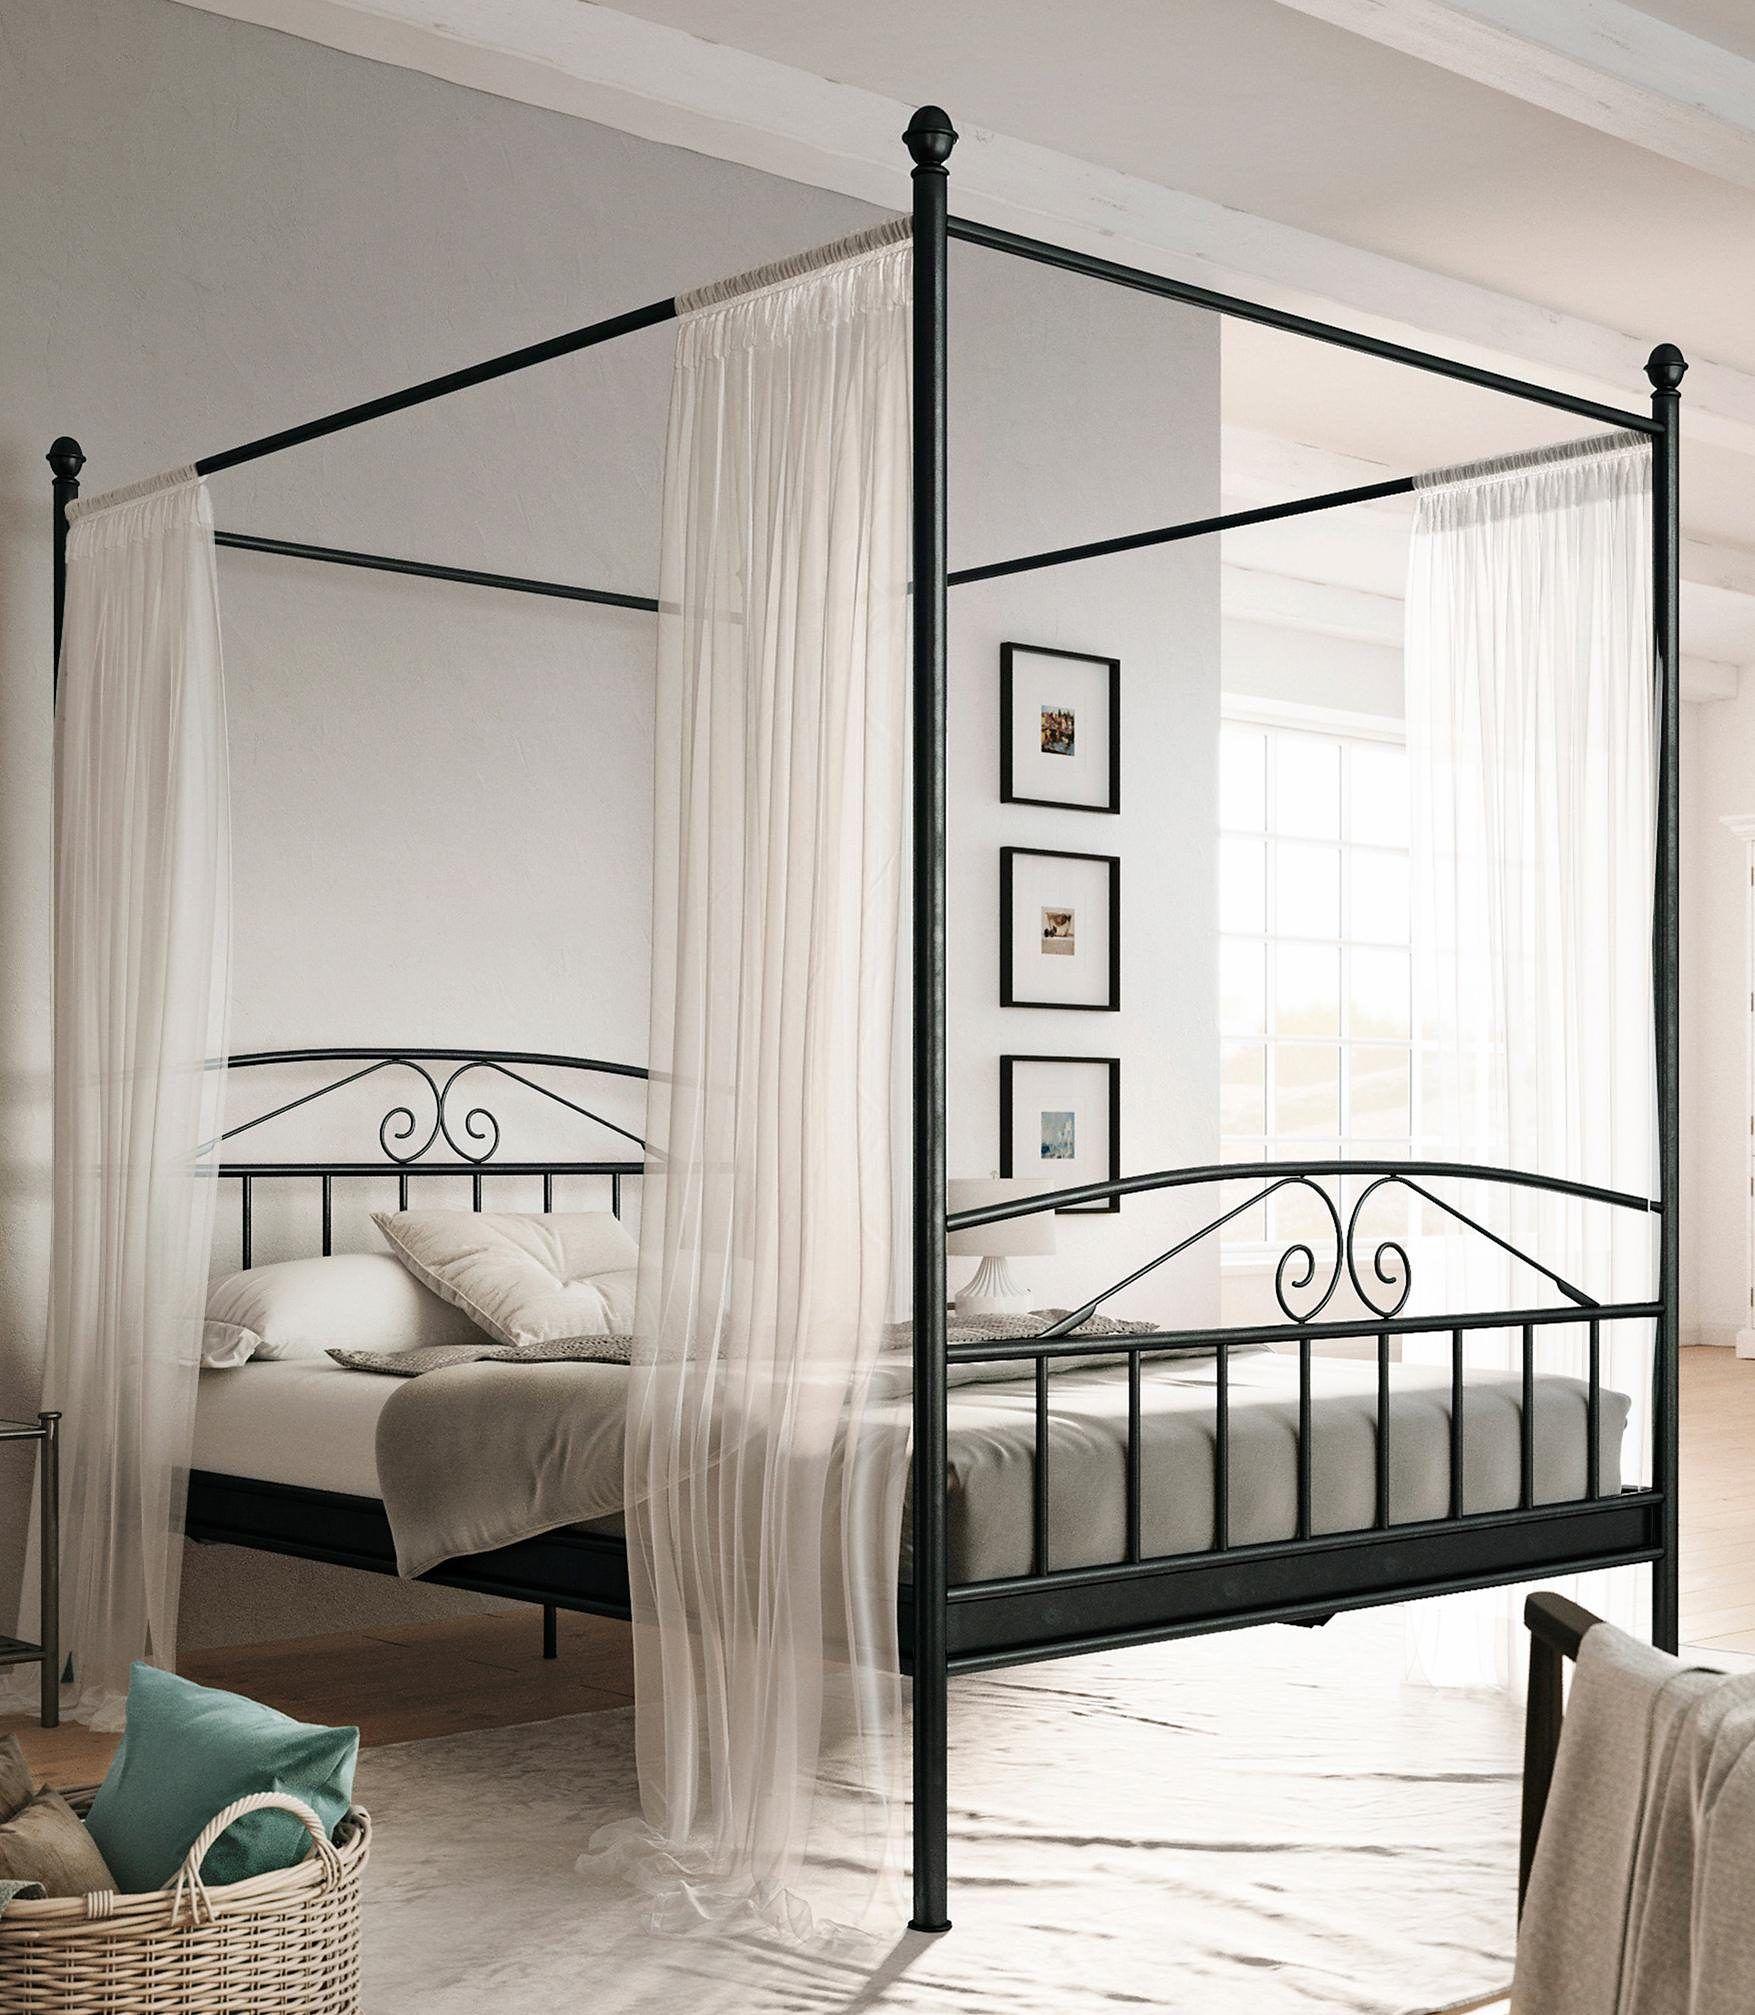 Stunning Schmaler Dreht ren Kleiderschrank optimal f rs G stezimmer Betten de kleiderschrank metall mediterran holz http betten de schlafzimm u